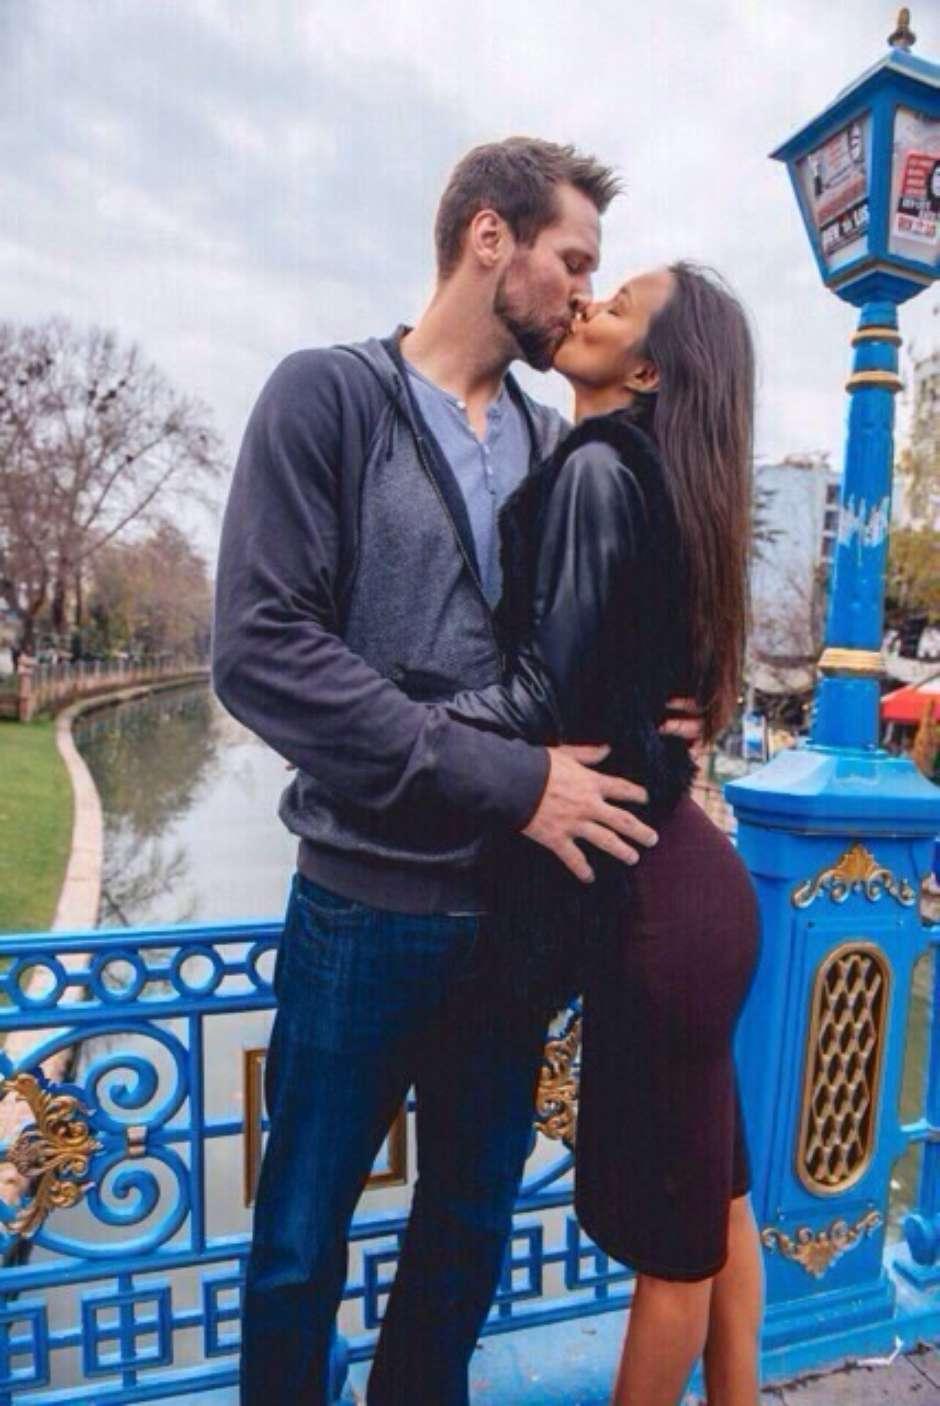 Top piauiense lais ribeiro dating